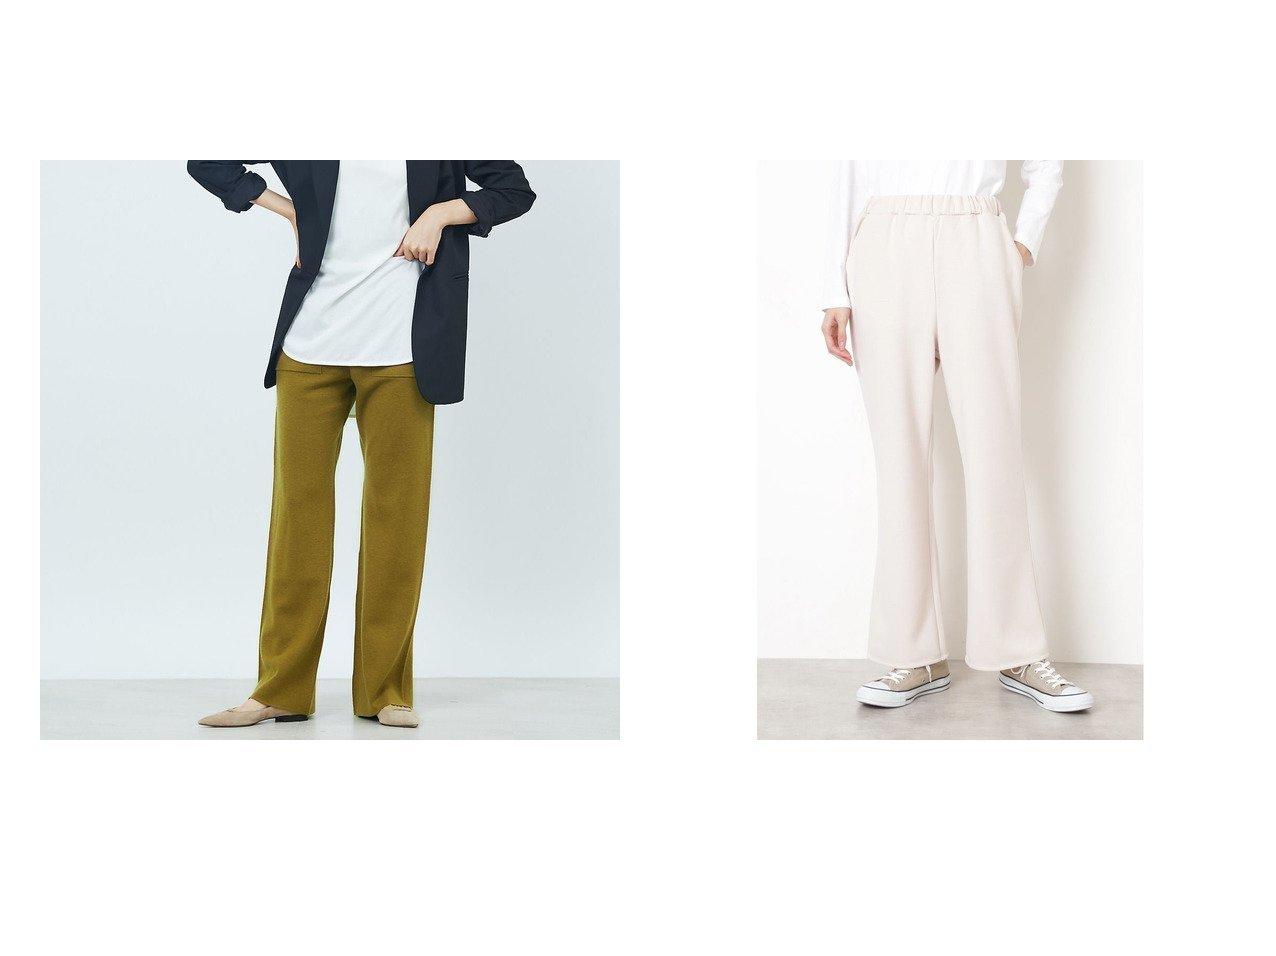 【NATURAL BEAUTY BASIC/ナチュラル ビューティー ベーシック】のポンチカットソーパンツ&【Rouge vif la cle/ルージュヴィフラクレ】のポケット付きウール混ニットパンツ パンツのおすすめ!人気、トレンド・レディースファッションの通販 おすすめで人気の流行・トレンド、ファッションの通販商品 メンズファッション・キッズファッション・インテリア・家具・レディースファッション・服の通販 founy(ファニー) https://founy.com/ ファッション Fashion レディースファッション WOMEN パンツ Pants 2020年 2020 2020-2021 秋冬 A/W AW Autumn/Winter / FW Fall-Winter 2020-2021 A/W 秋冬 AW Autumn/Winter / FW Fall-Winter アクリル セットアップ ポケット 2021年 2021 2021 春夏 S/S SS Spring/Summer 2021 S/S 春夏 SS Spring/Summer フレア 今季 春 Spring |ID:crp329100000016279